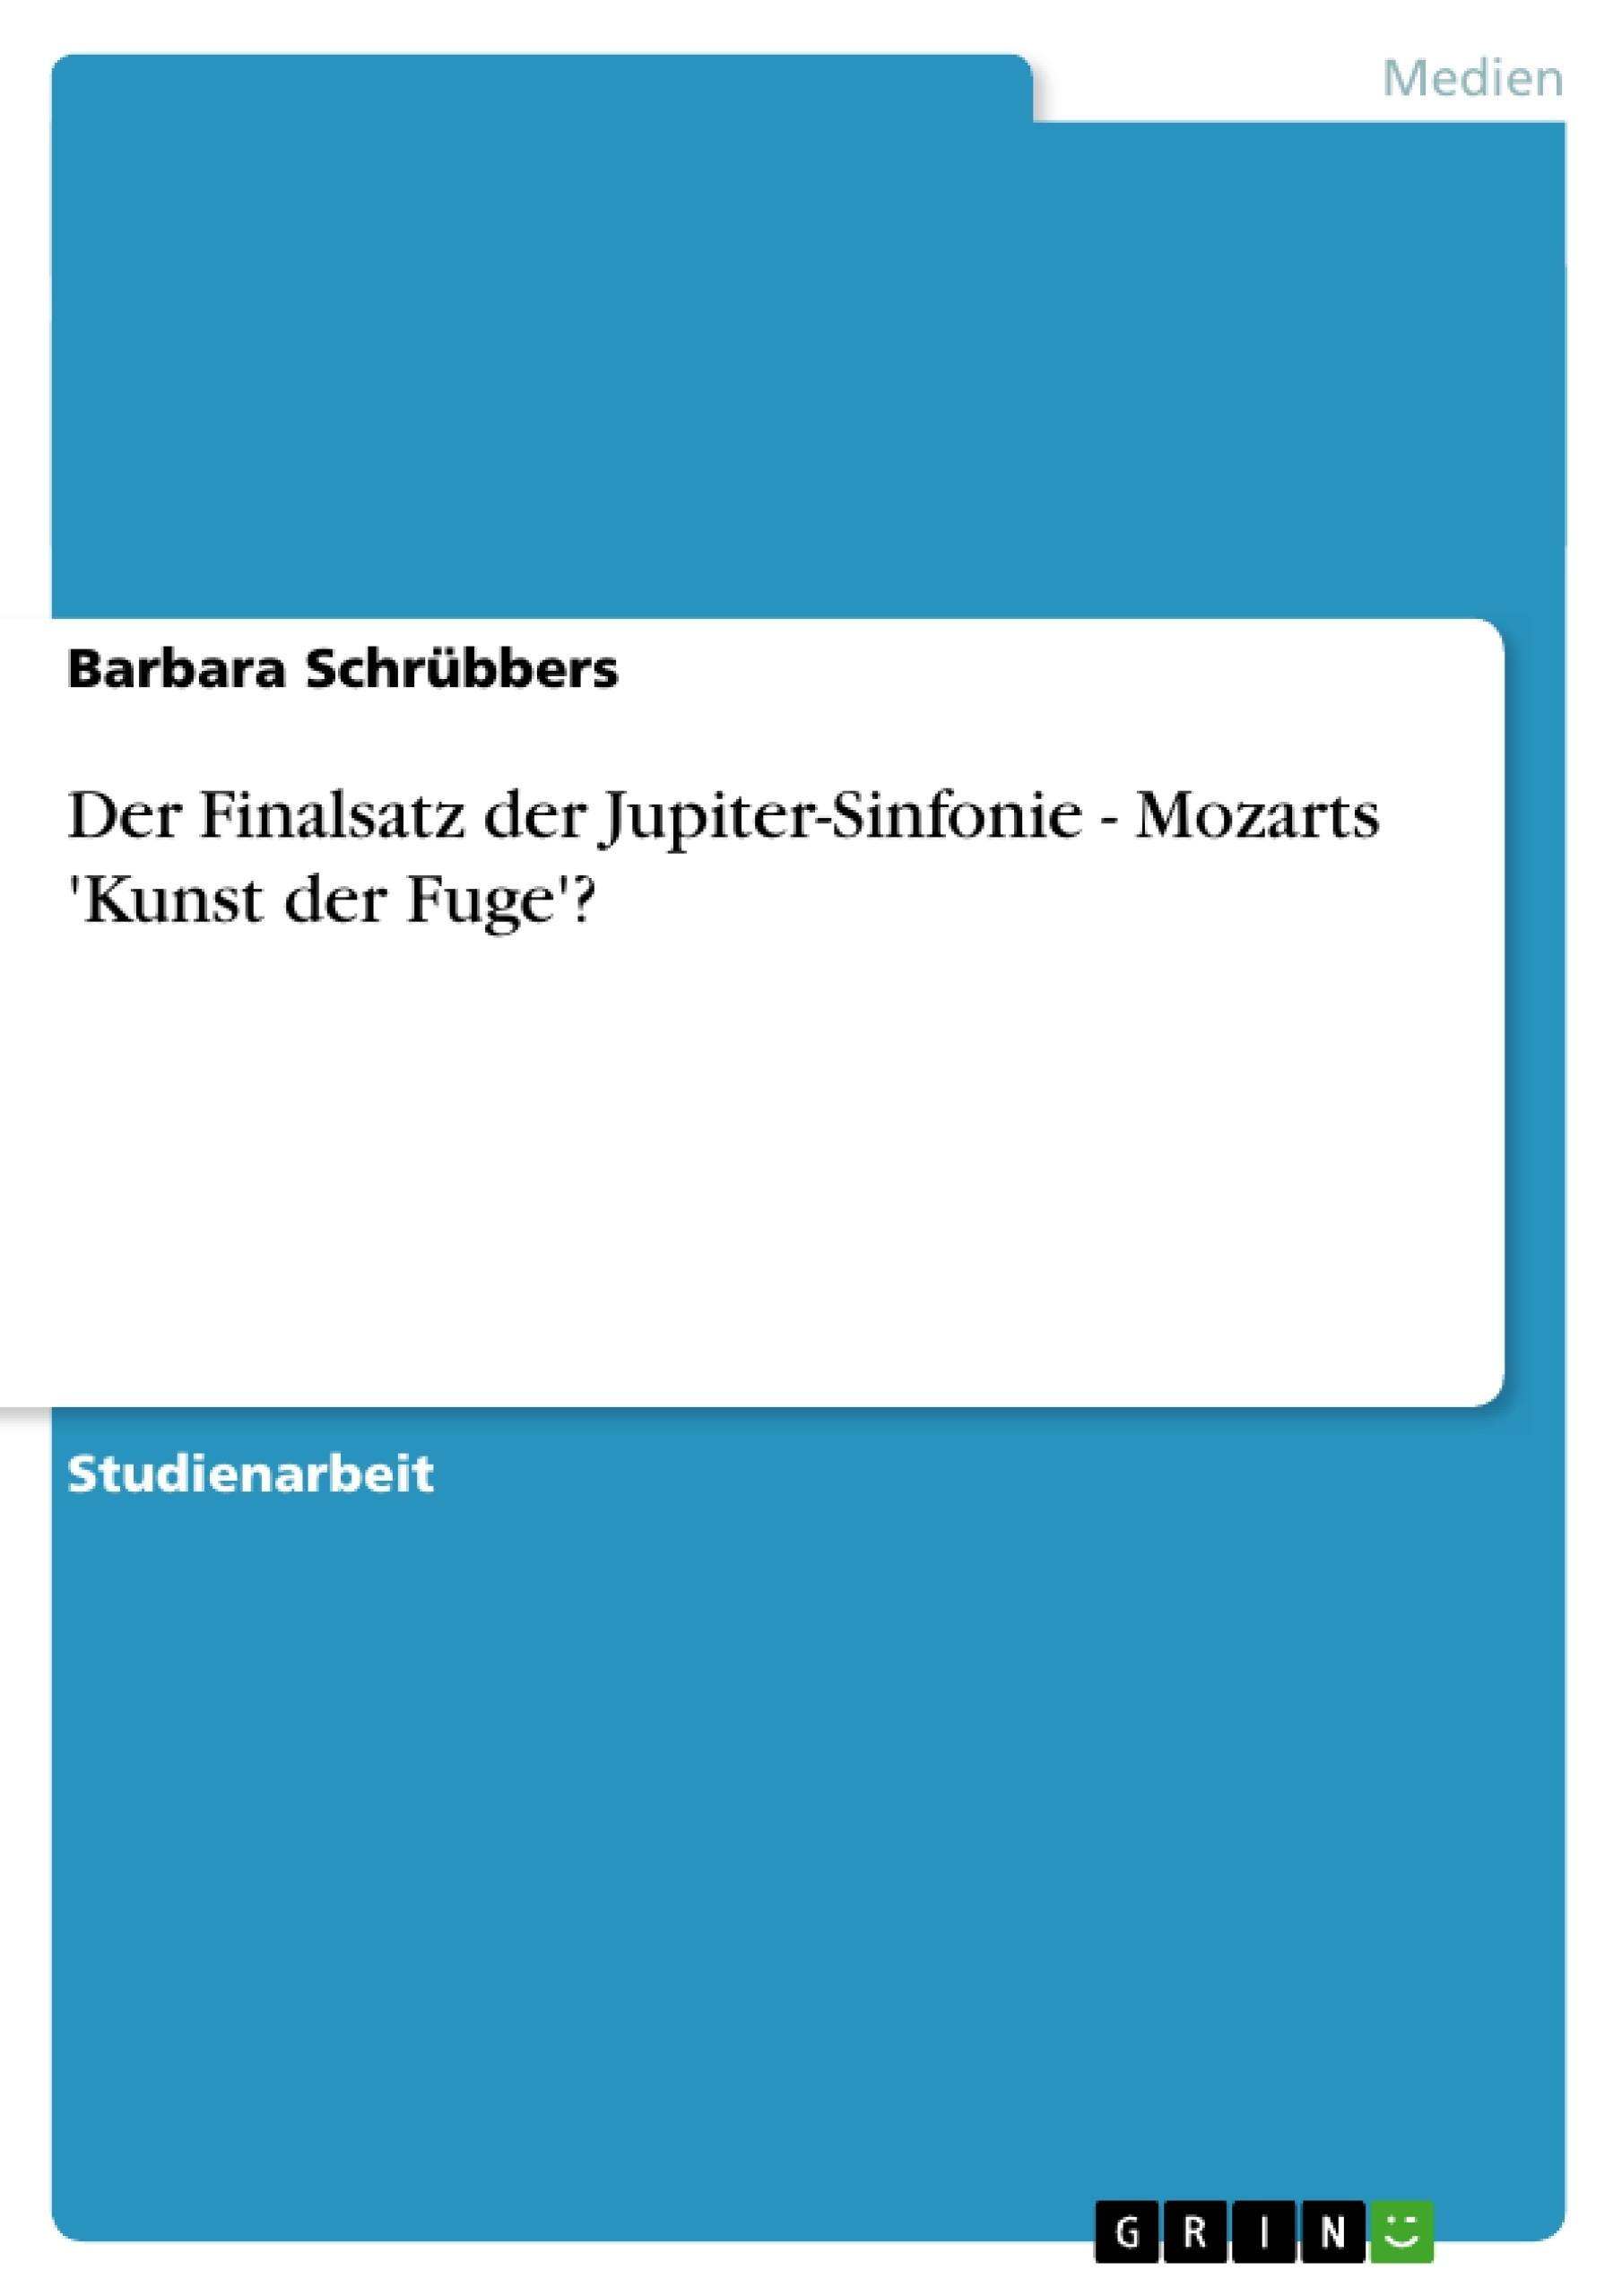 Titel: Der Finalsatz der Jupiter-Sinfonie - Mozarts 'Kunst der Fuge'?